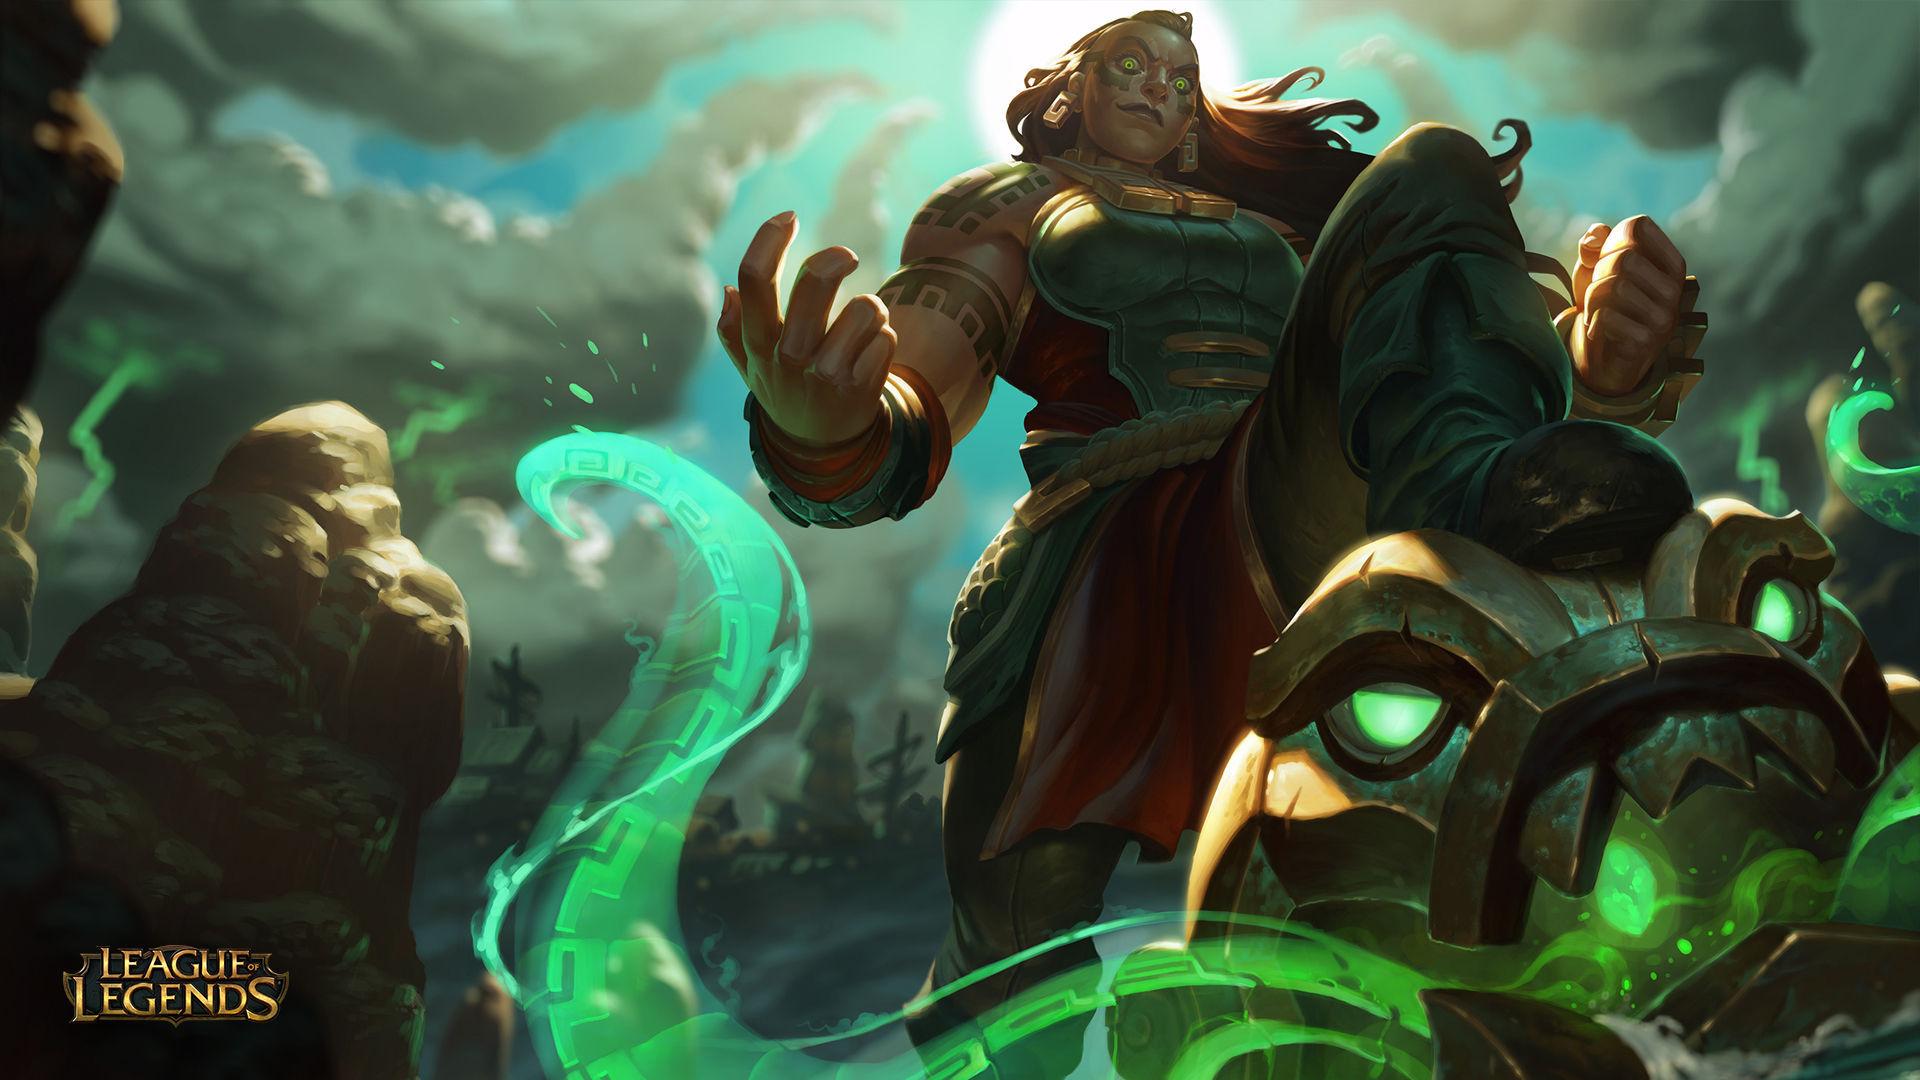 ¿Cuál es el propósito de Illaoi en la Liga, además de difundir la palabra de su dios?